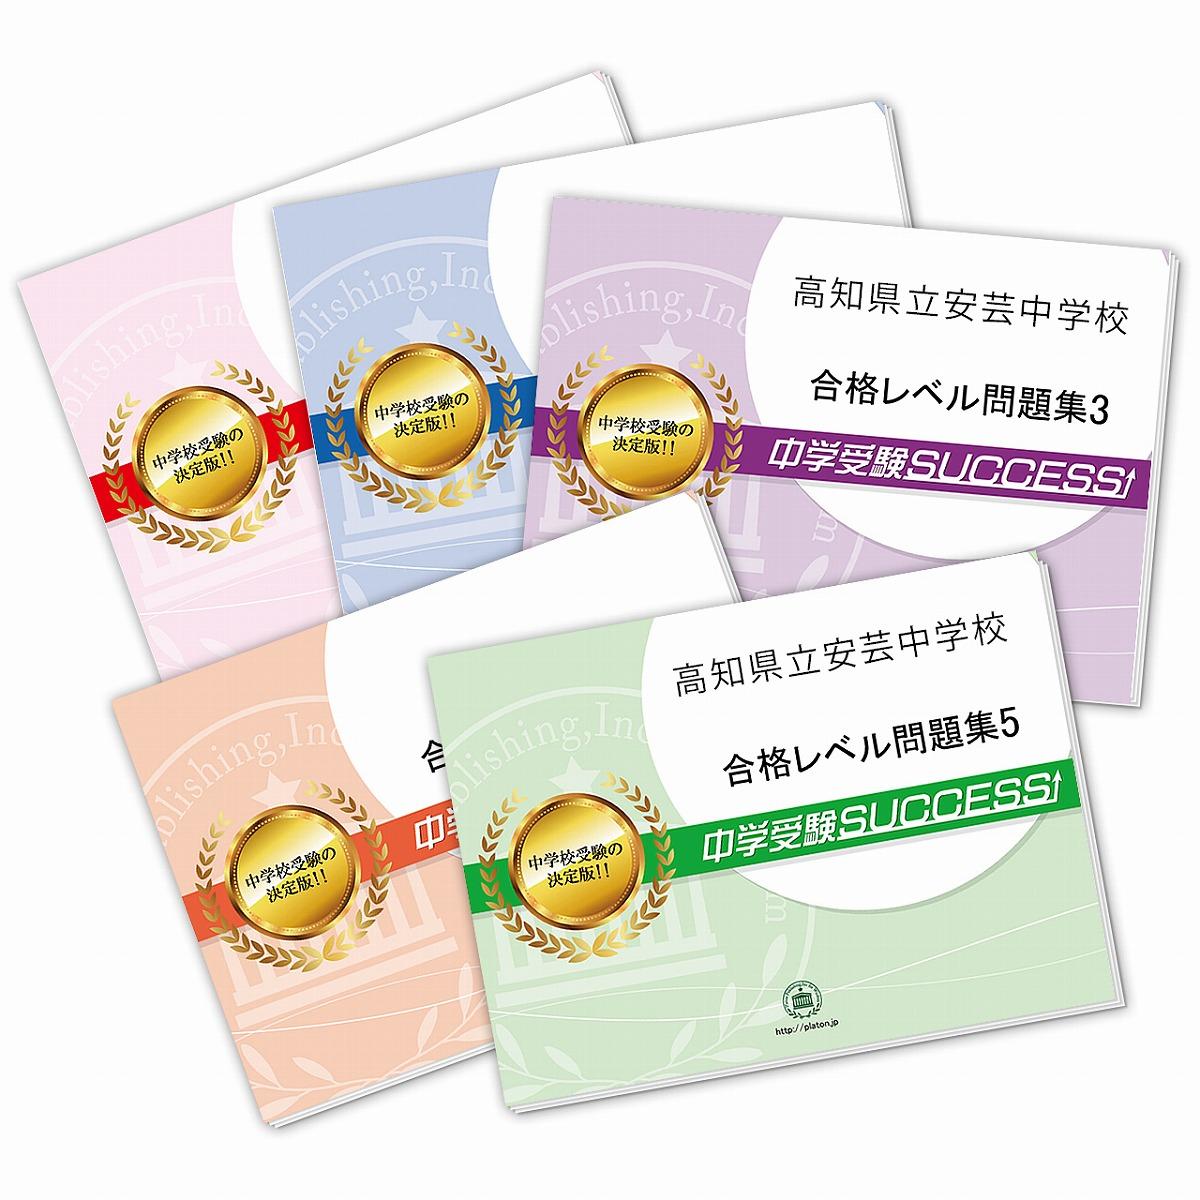 【送料・代引手数料無料】高知県立安芸中学校・直前対策合格セット(5冊)